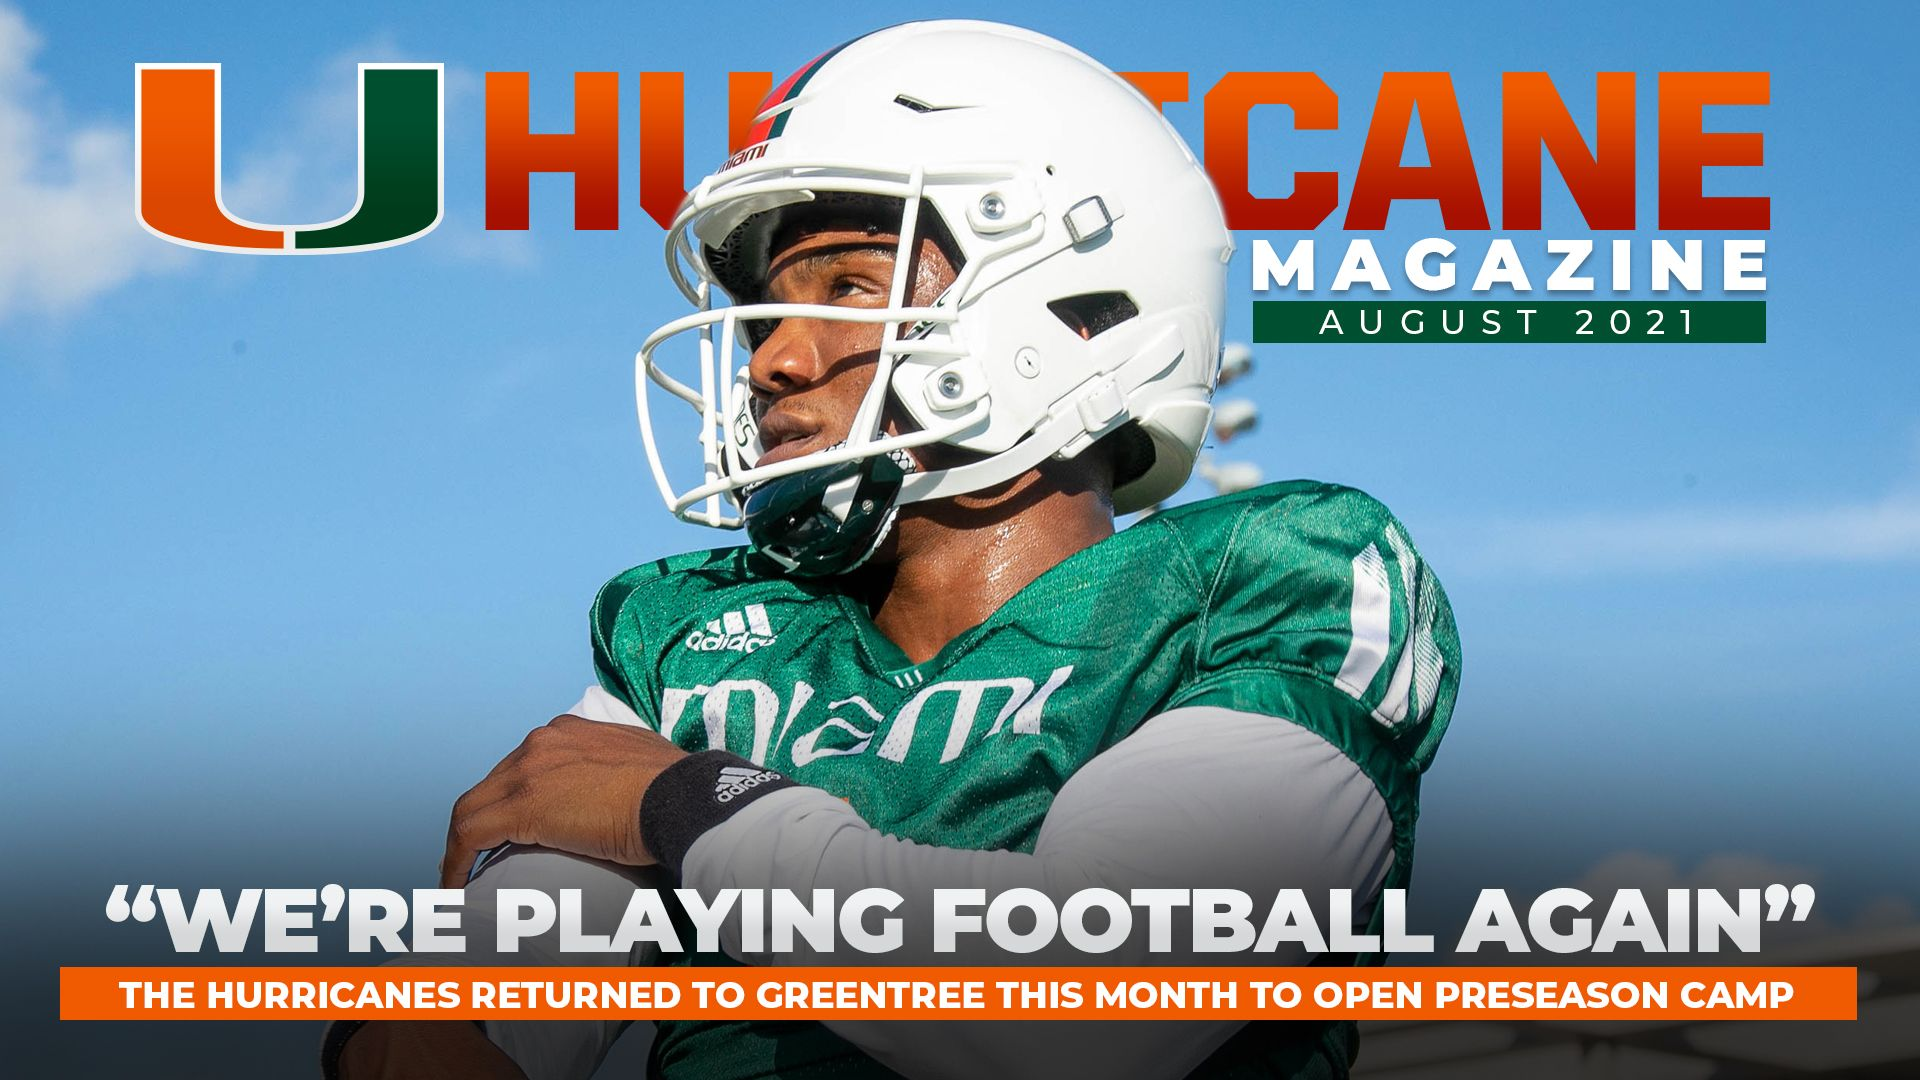 Hurricane Magazine: August 2021